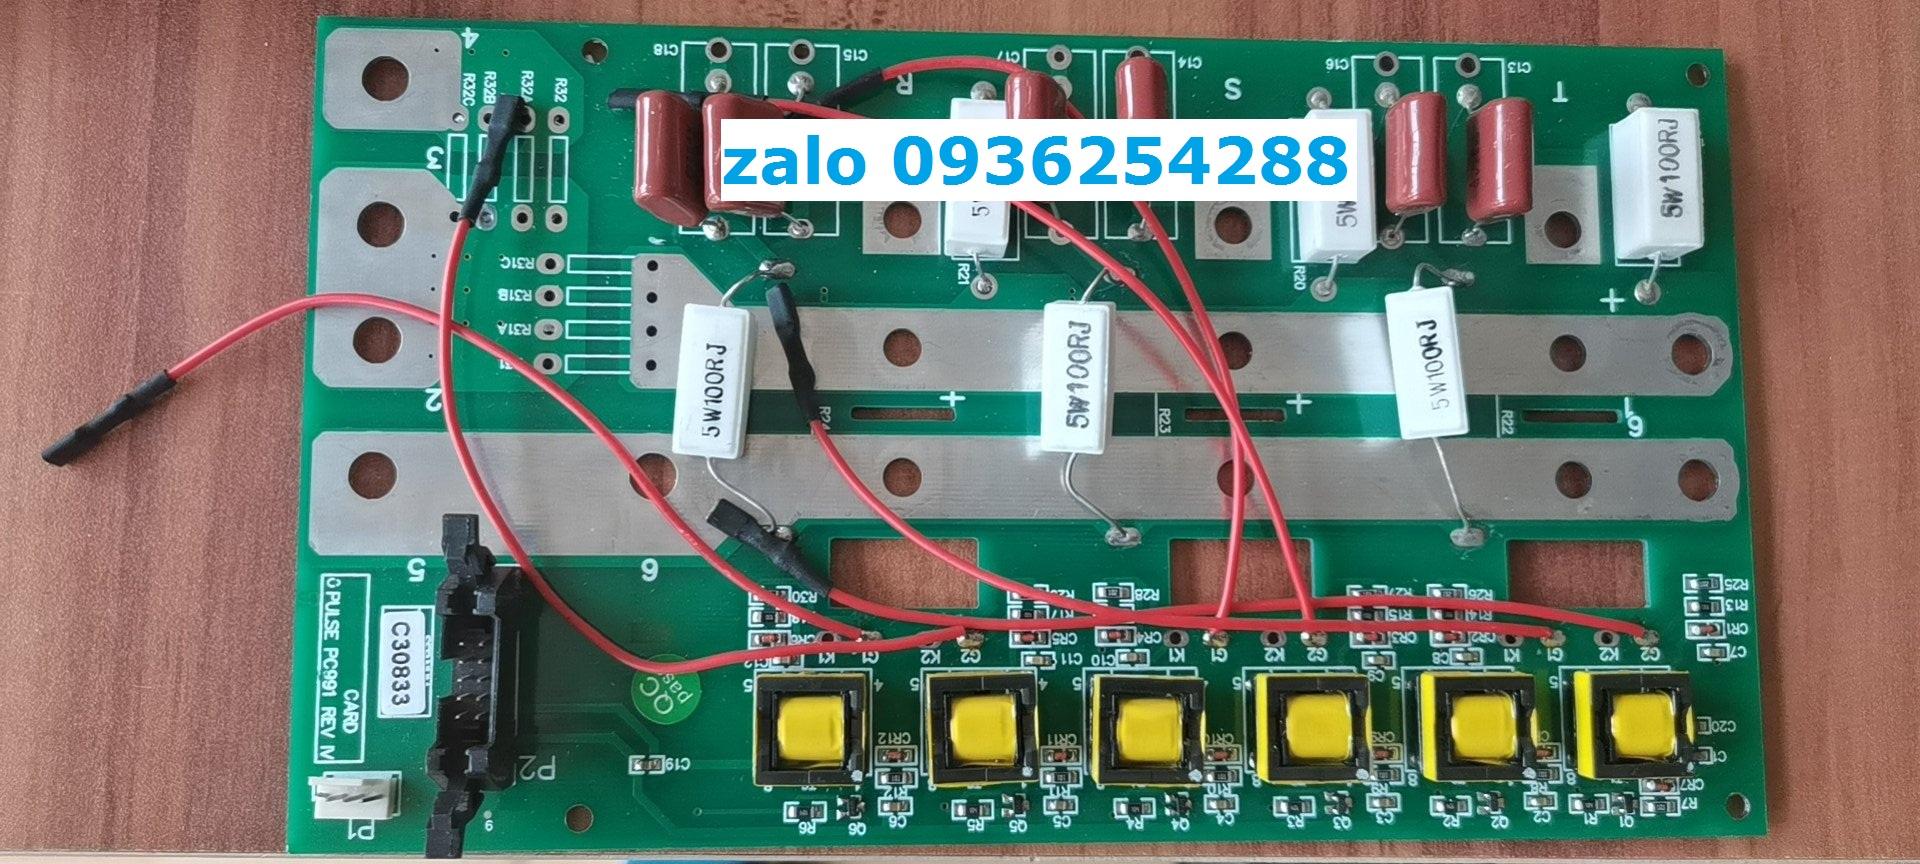 Mạch chỉnh lưu PC990 REV VI, PC991 REV IV